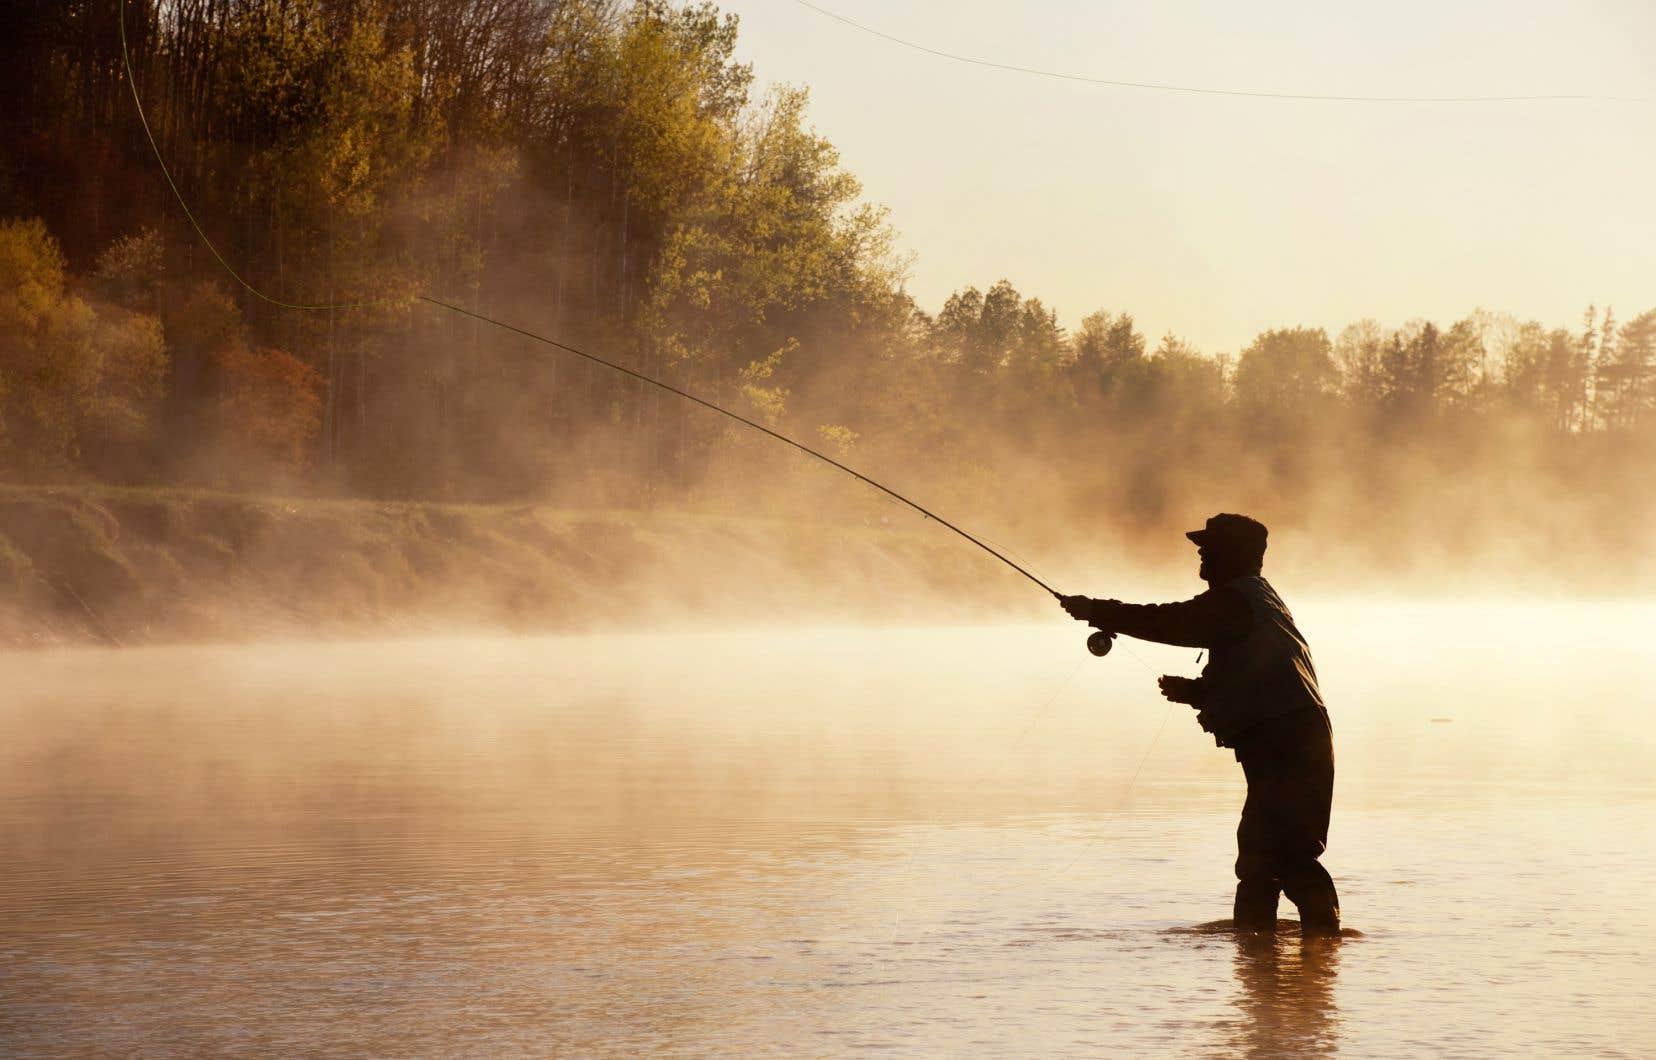 Peu à peu, la pêche est devenue pour l'auteur un refuge loin du monde, un moment de calme concentration qui justifiait n'importe quel voyage.